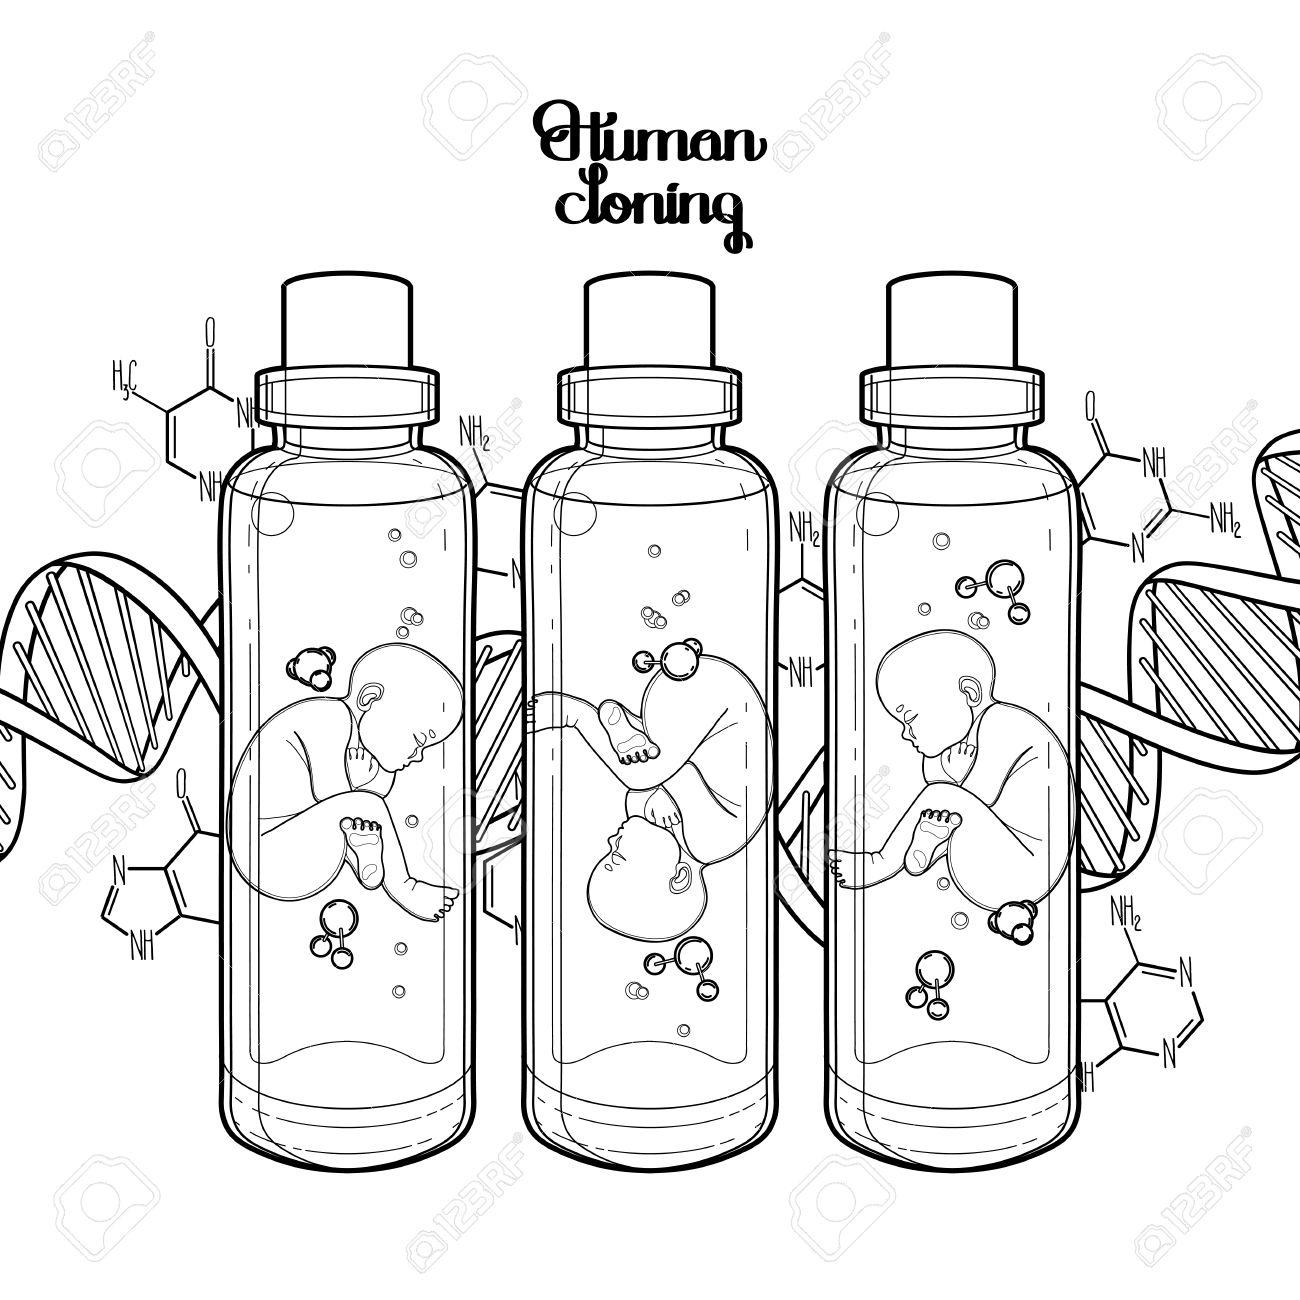 Feto Gráfico De Vector De La Botella De Vidrio Y Fondo Del Adn Inseminación Artificial O Fecundación In Vitro Tema Ciencia Ilustración Vectorial